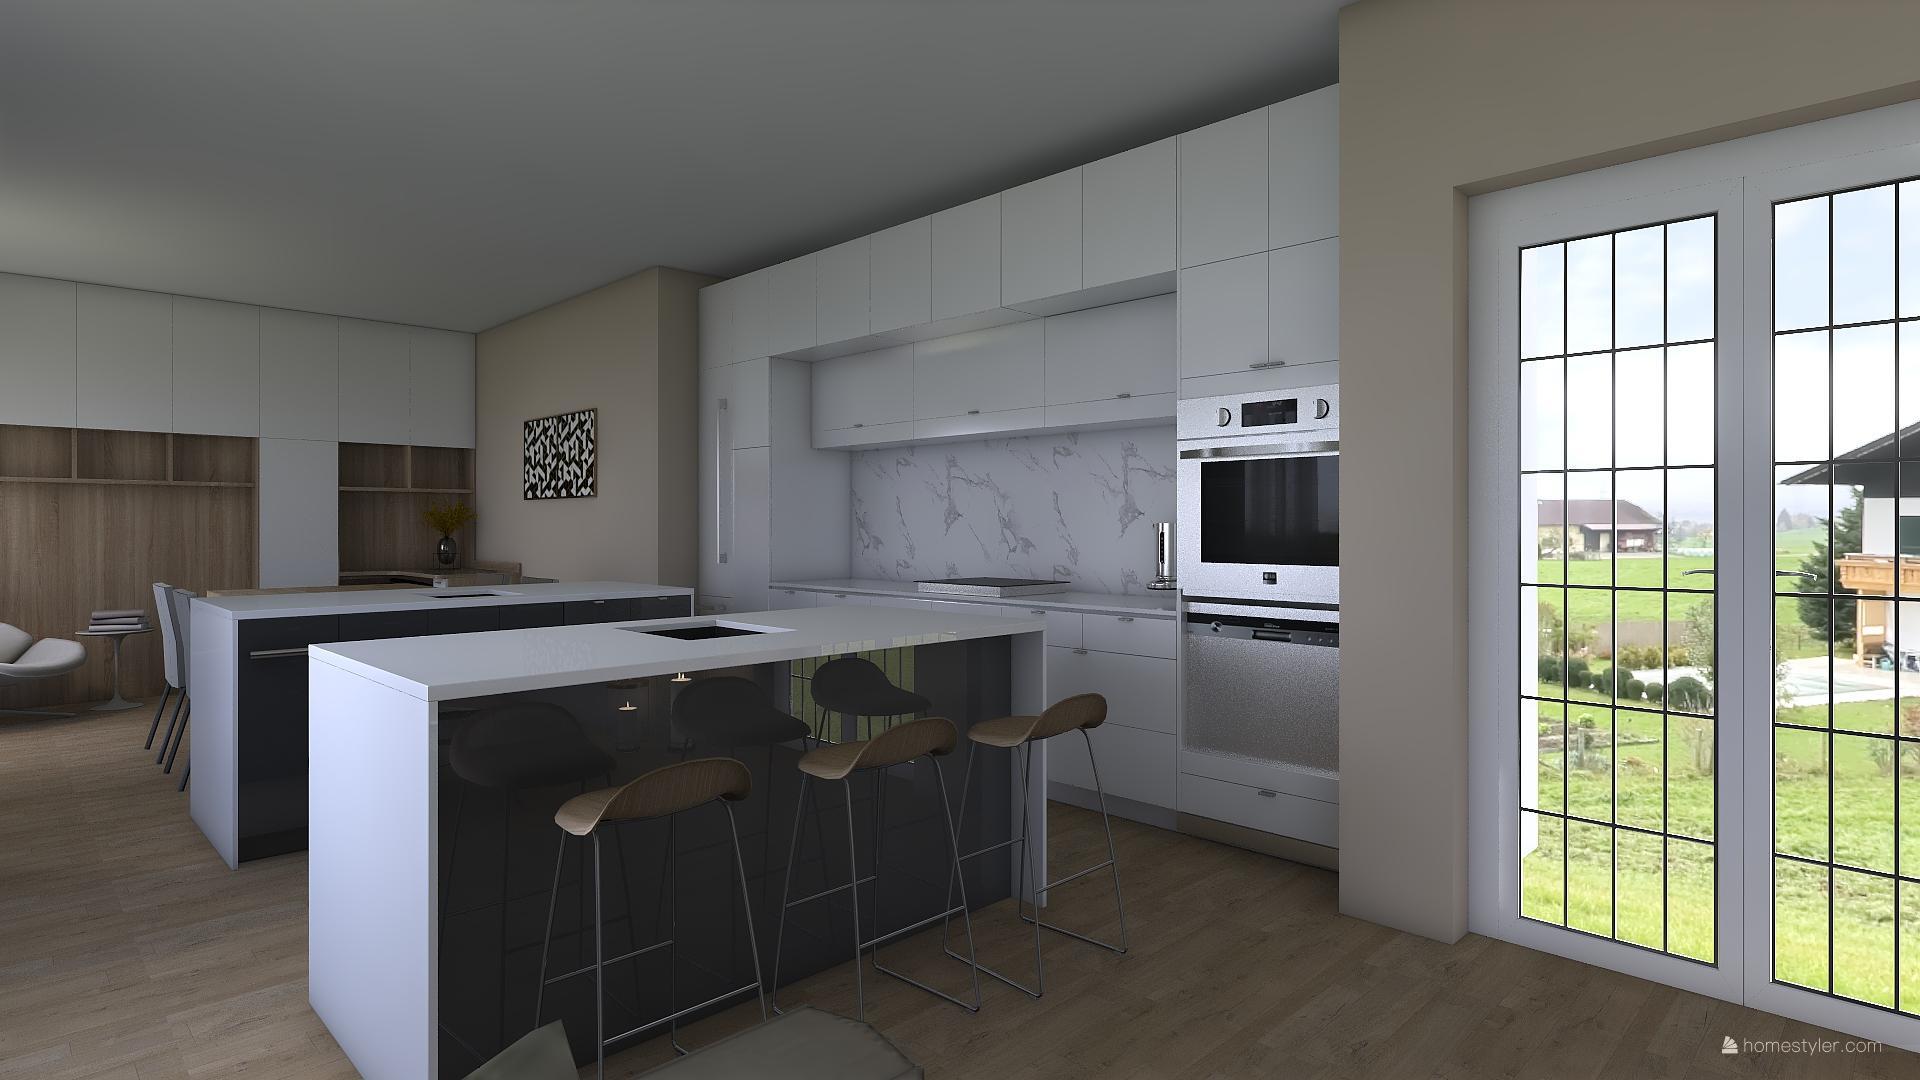 Vizualizace obýváku s kuchyní pro @iuanecka - Obrázek č. 11